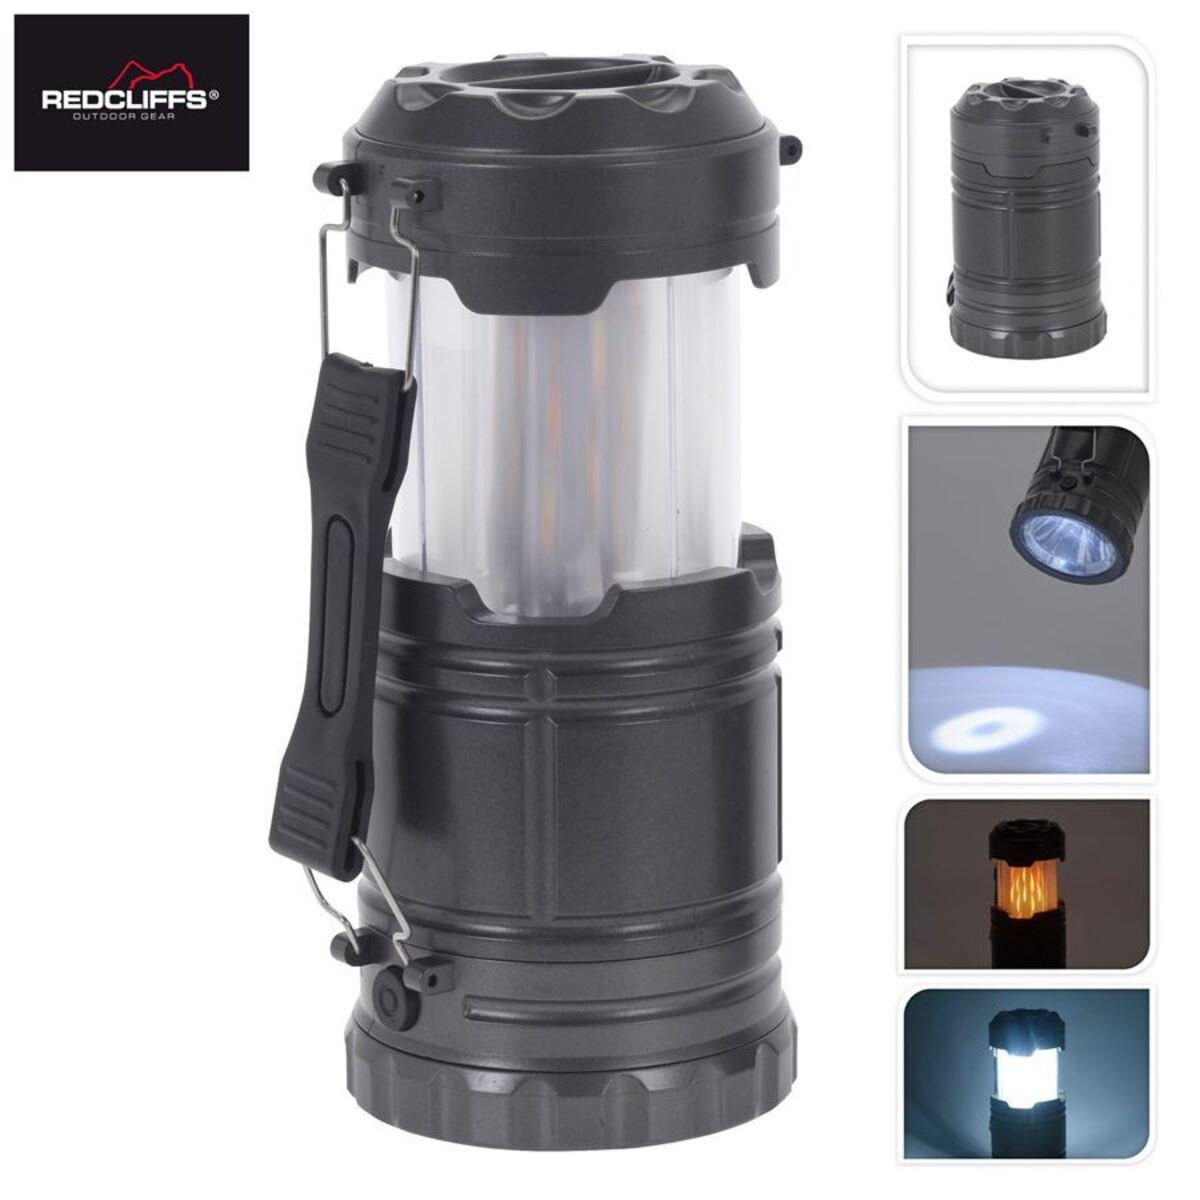 Bild 1 von Redcliffs Campinglampe mit 3 Funktionen